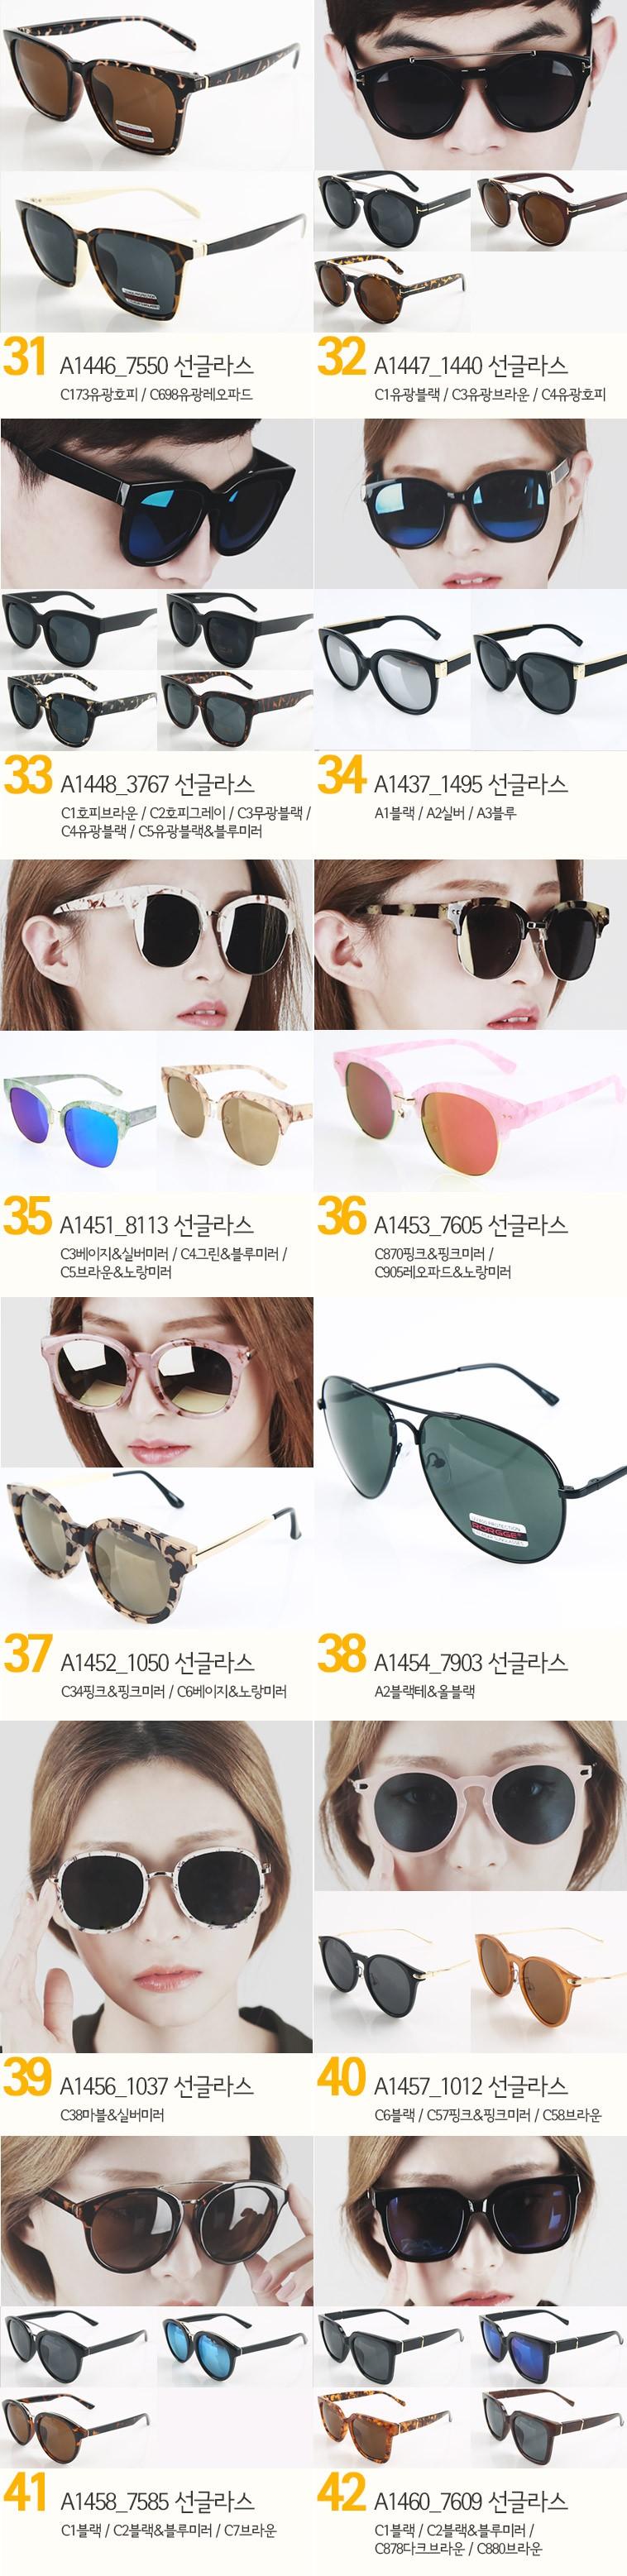 더운여름 필수품~ 선글라스 떙처리!!